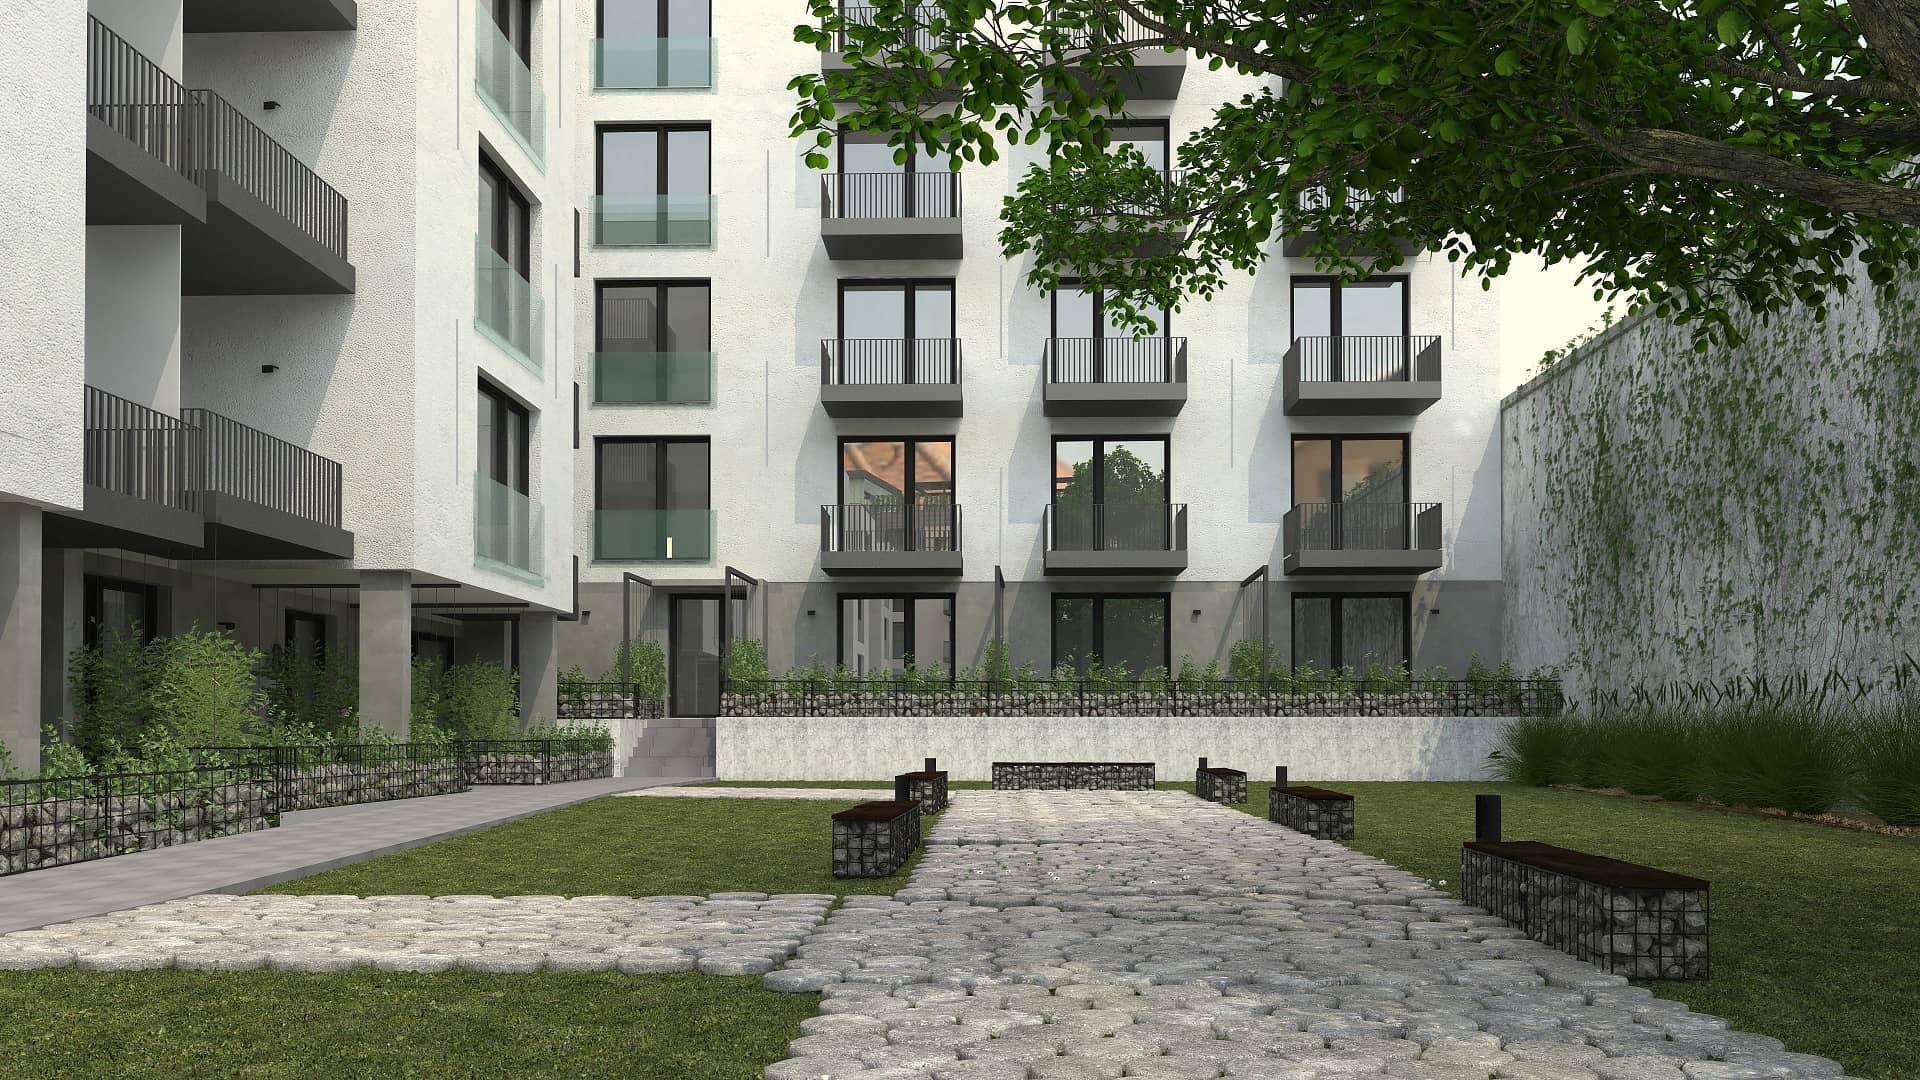 Centrum Křižíkova Free Architects rozhovor bydlení